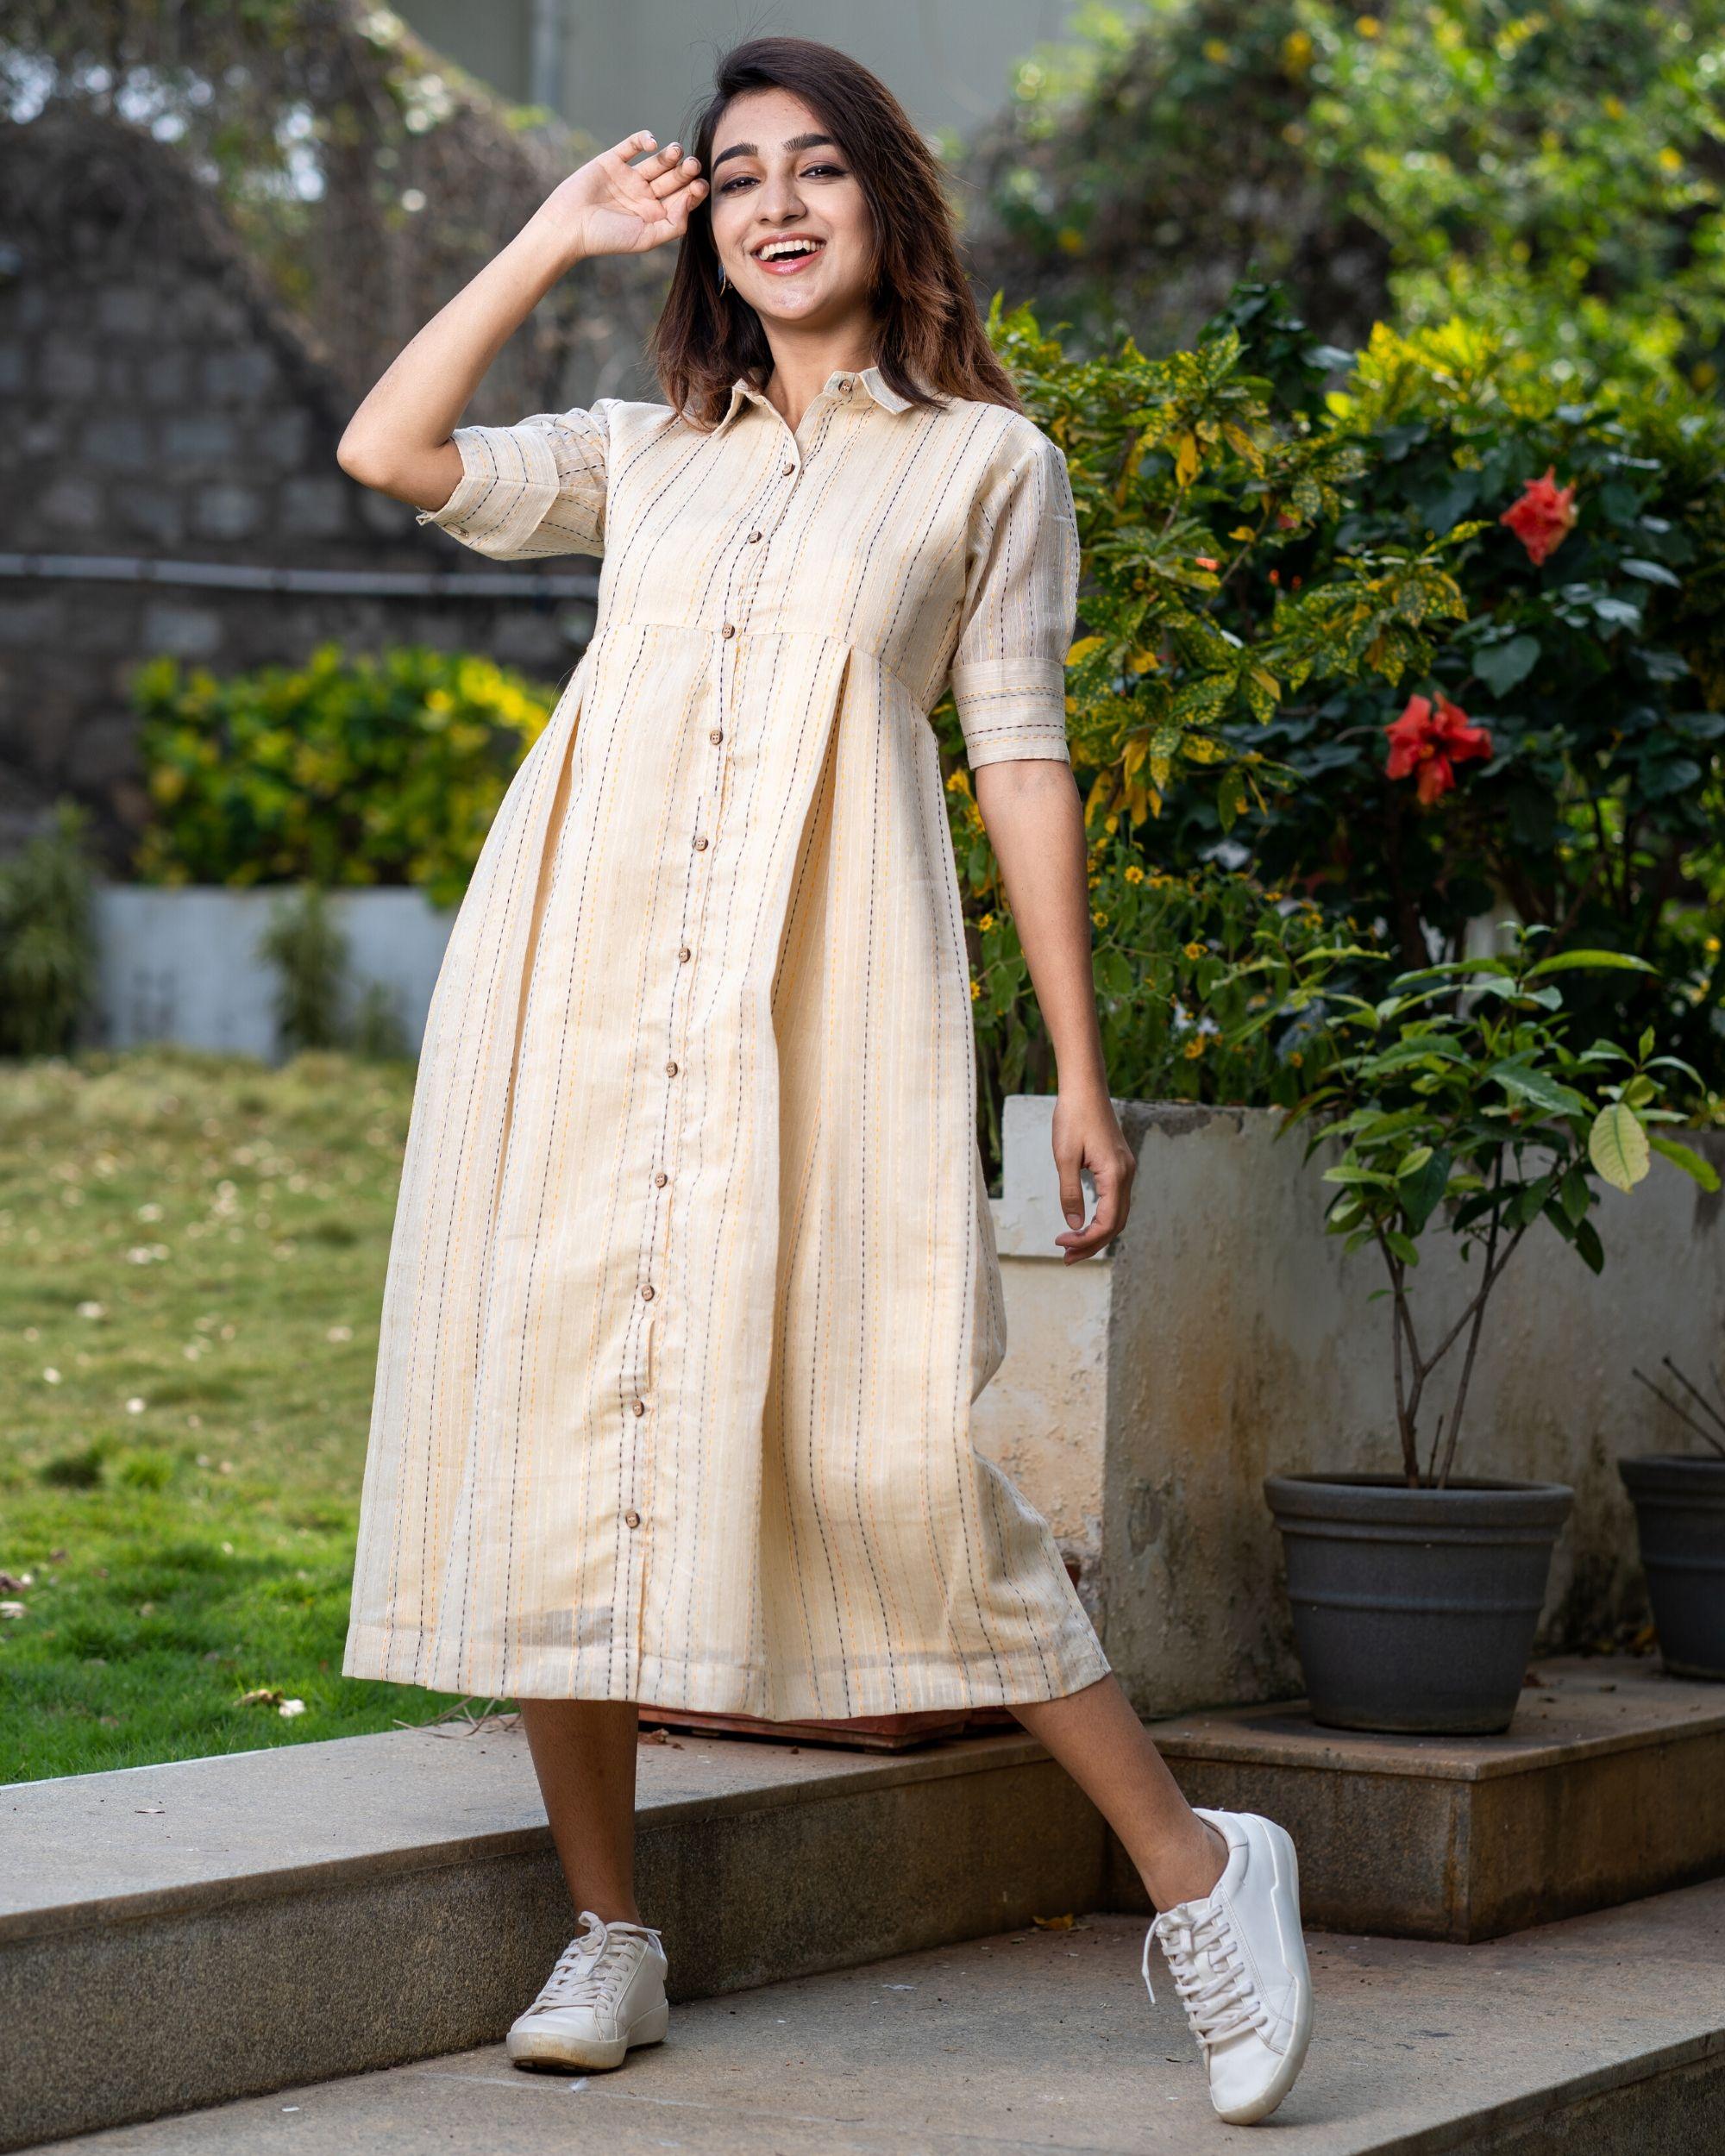 Light beige button dress with thread work